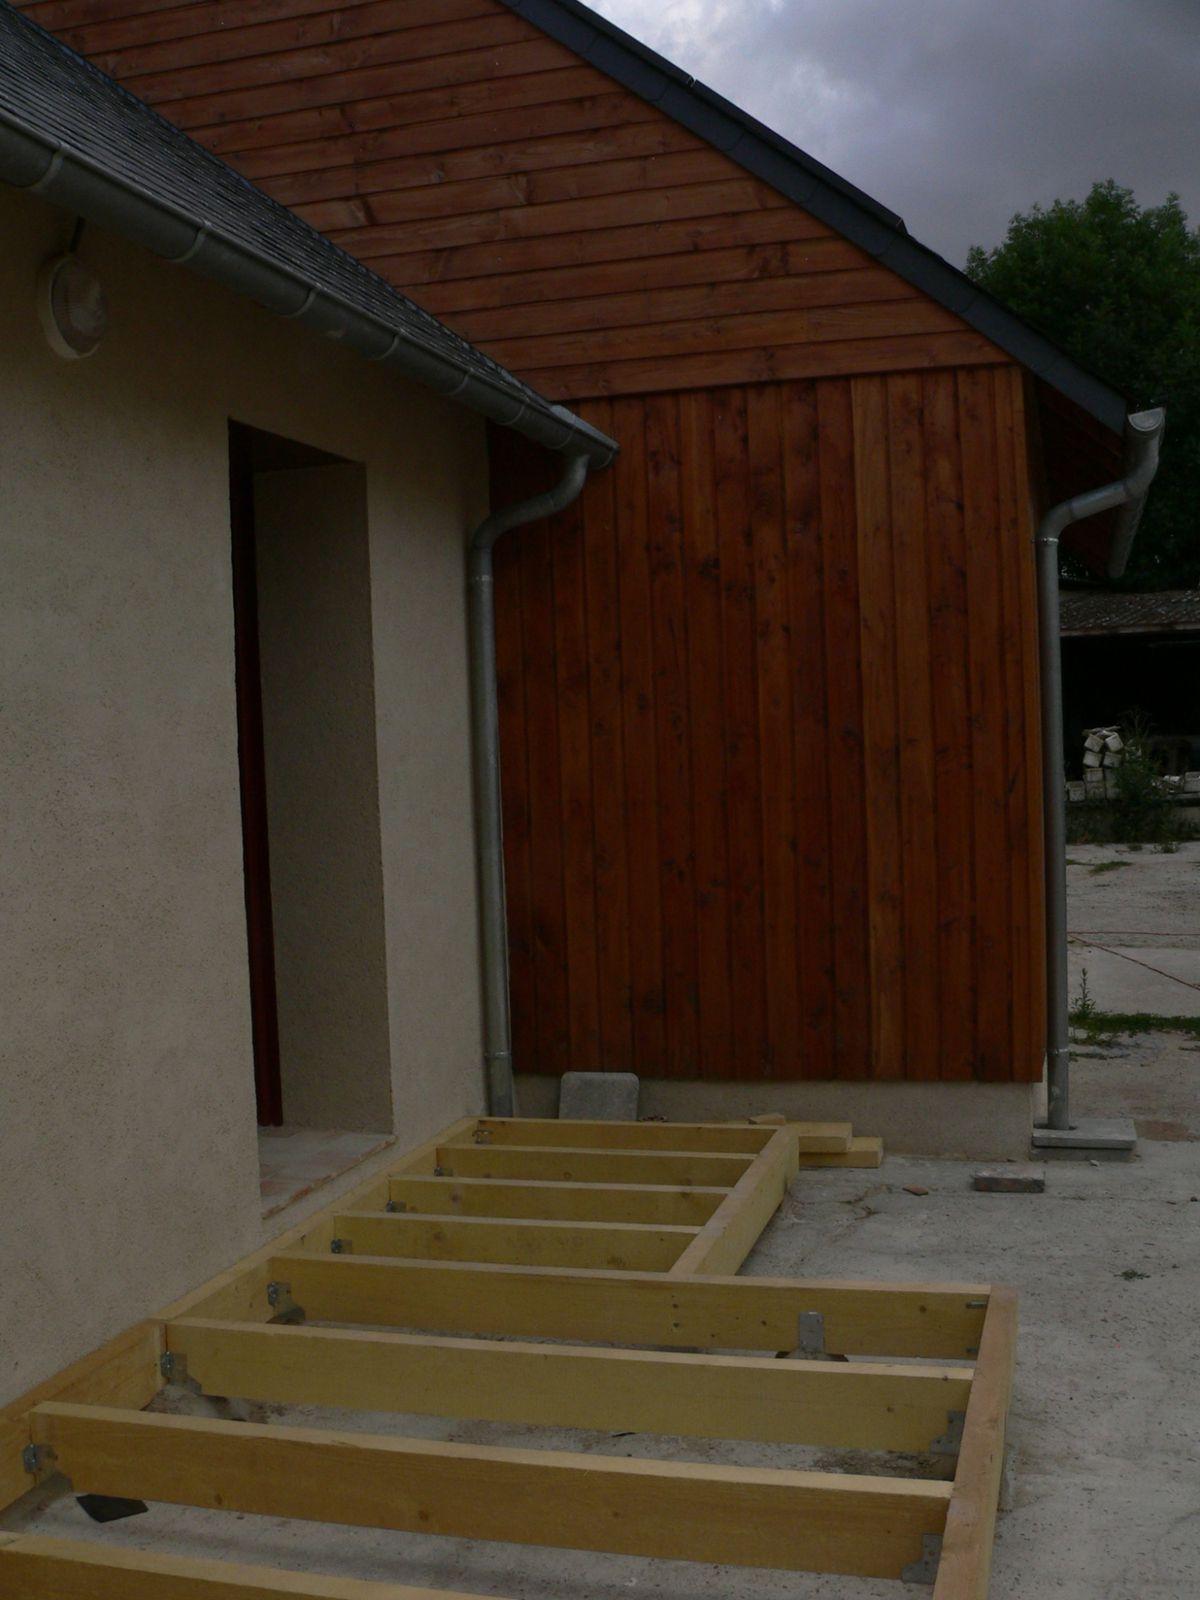 Terrasse bois ecologique for Fondation maison ecologique